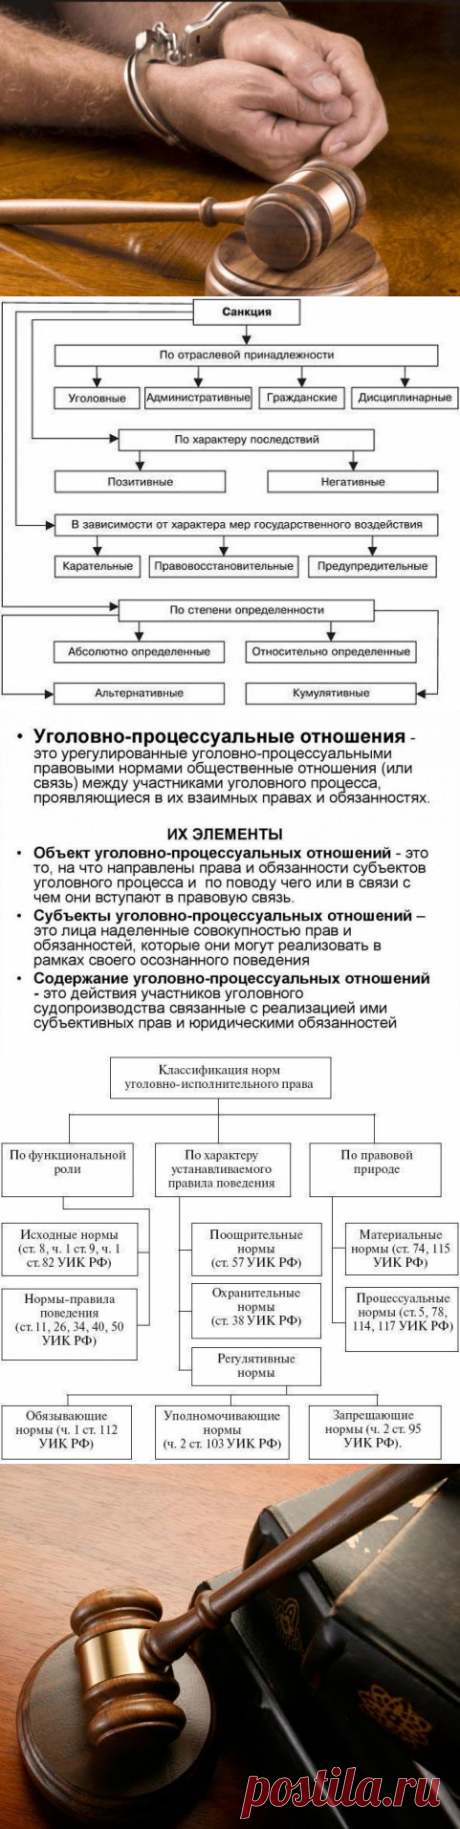 Понятие уголовно-процессуальных норм, их виды и структура